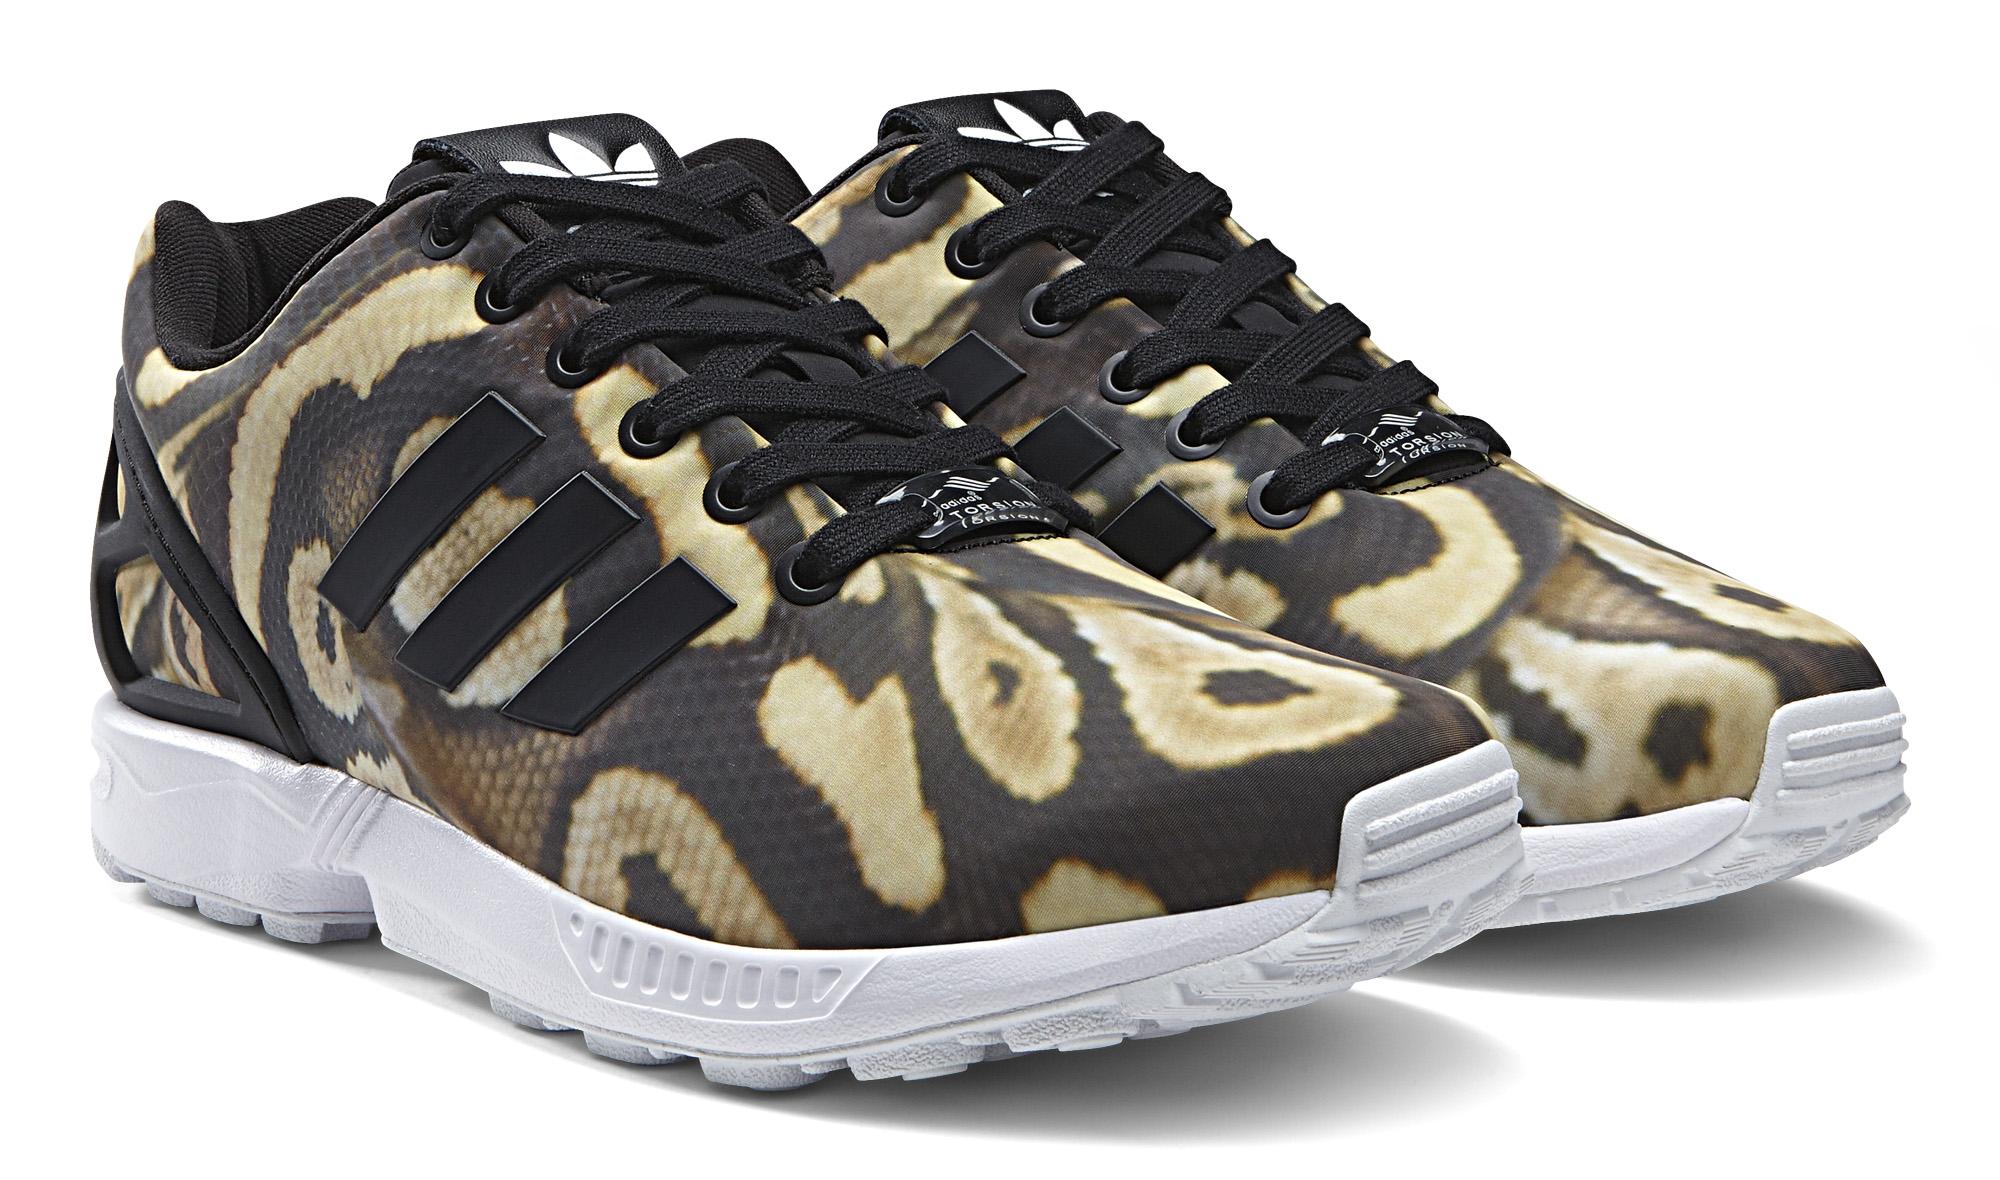 adidas zx flux serpent